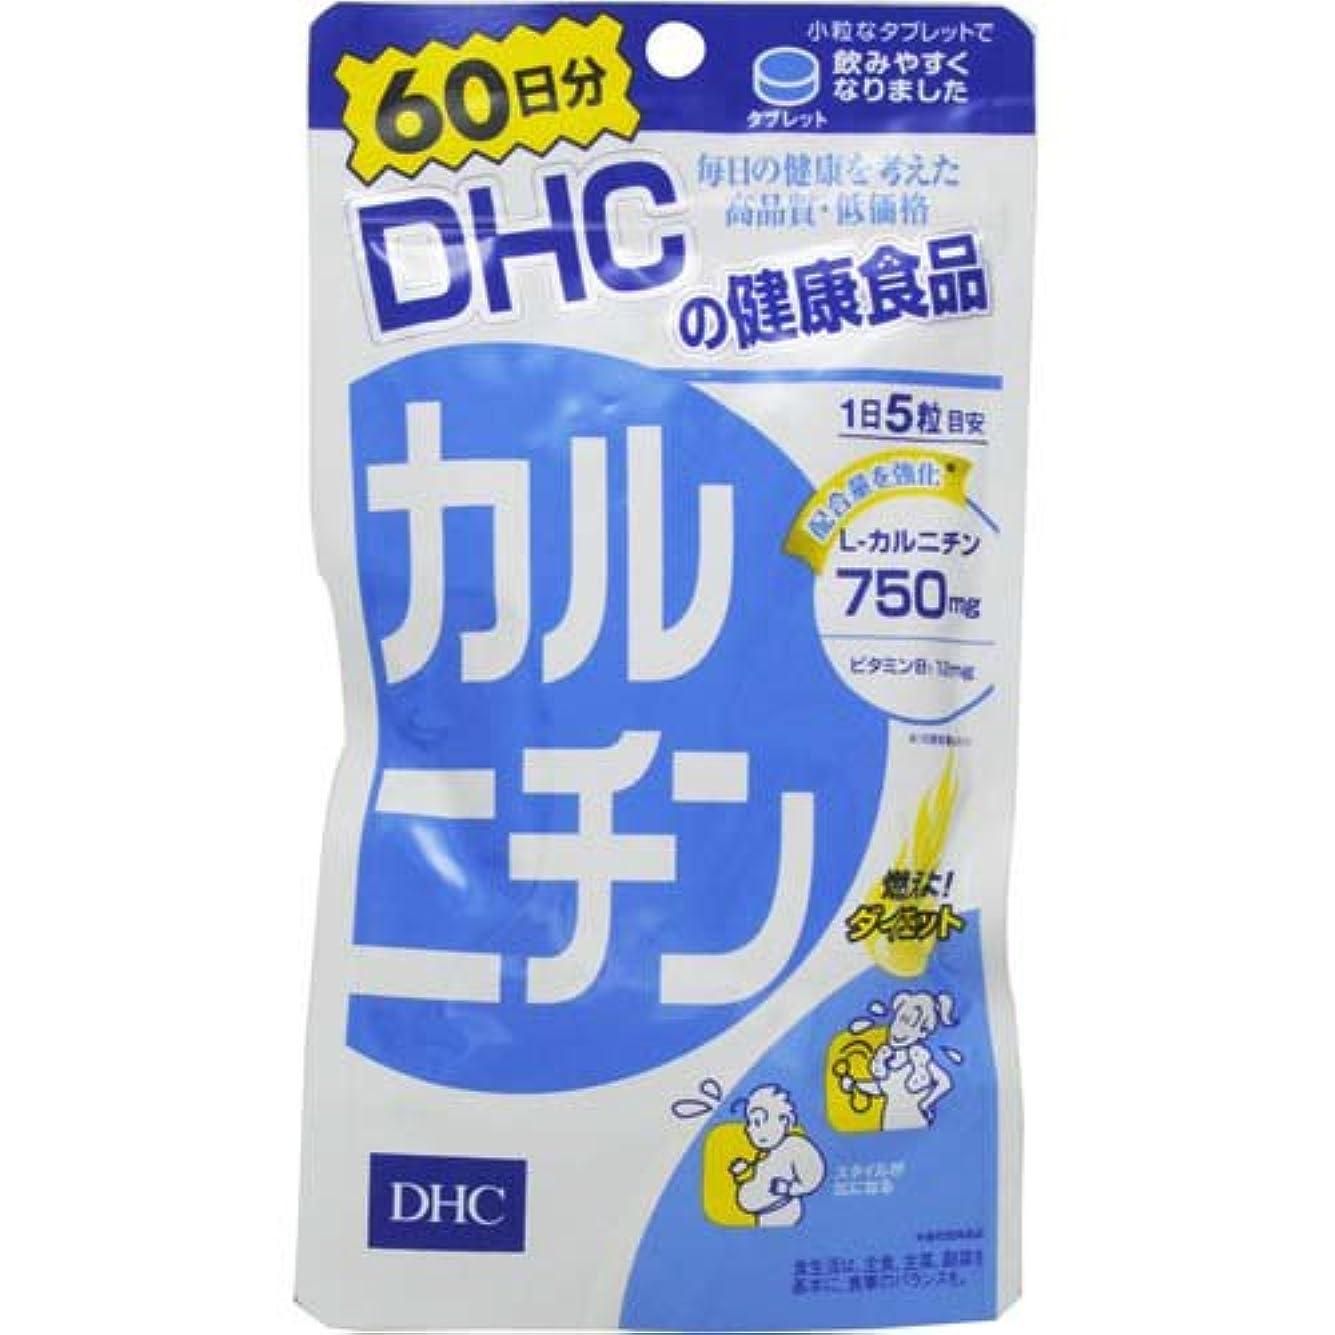 ノミネートサイト無意識DHC カルニチン 60日分 300粒